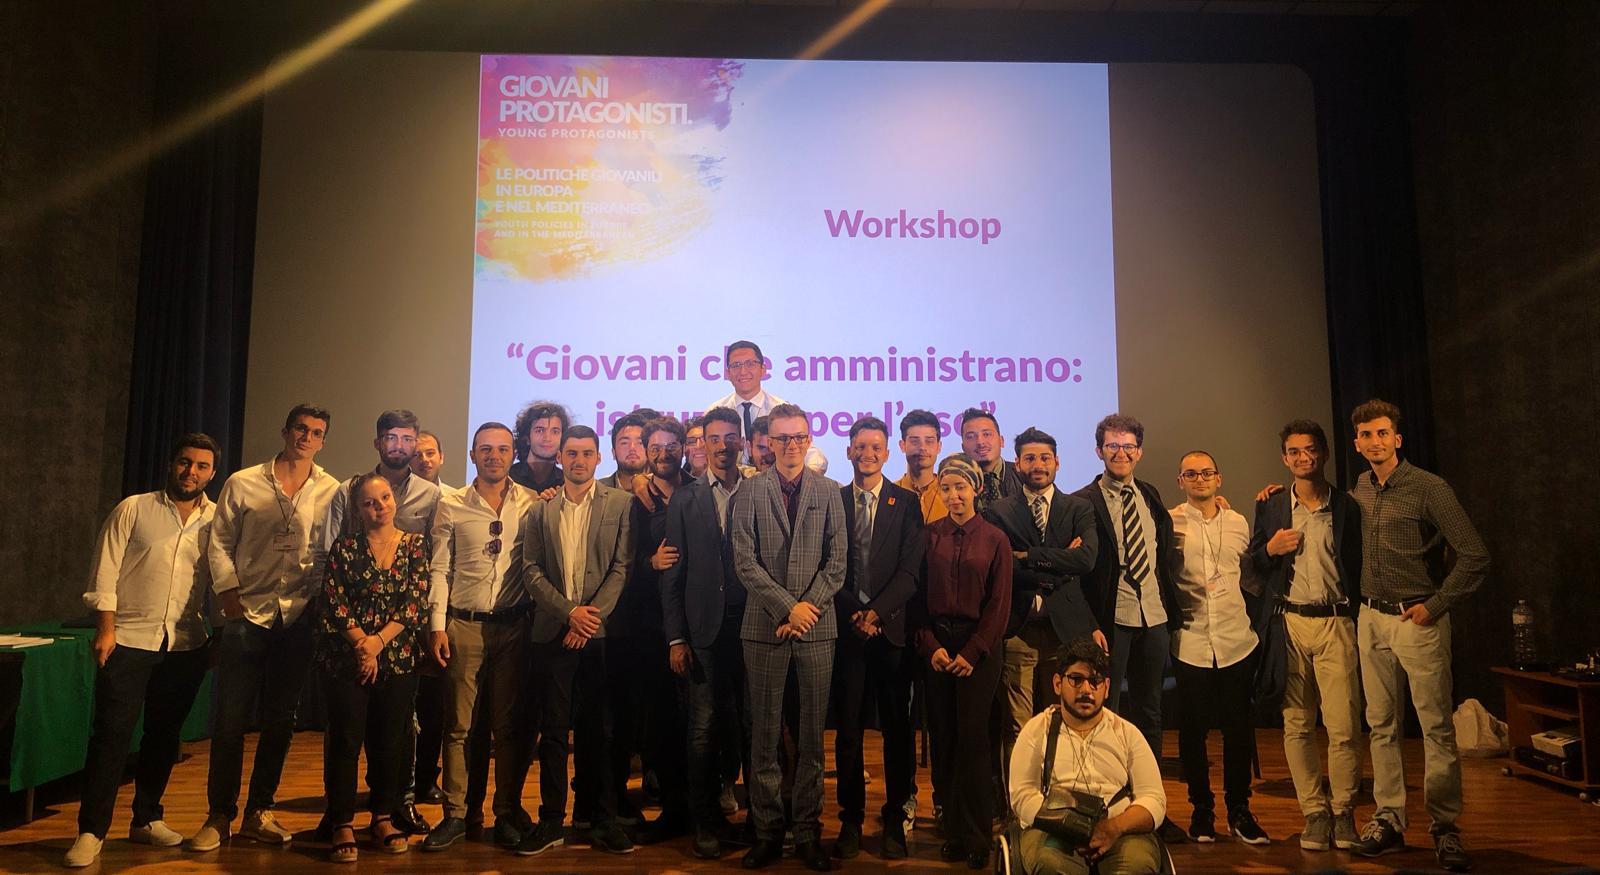 """""""YoungProtagonist e le politiche giovanili in Europa e nel Mediterraneo"""""""